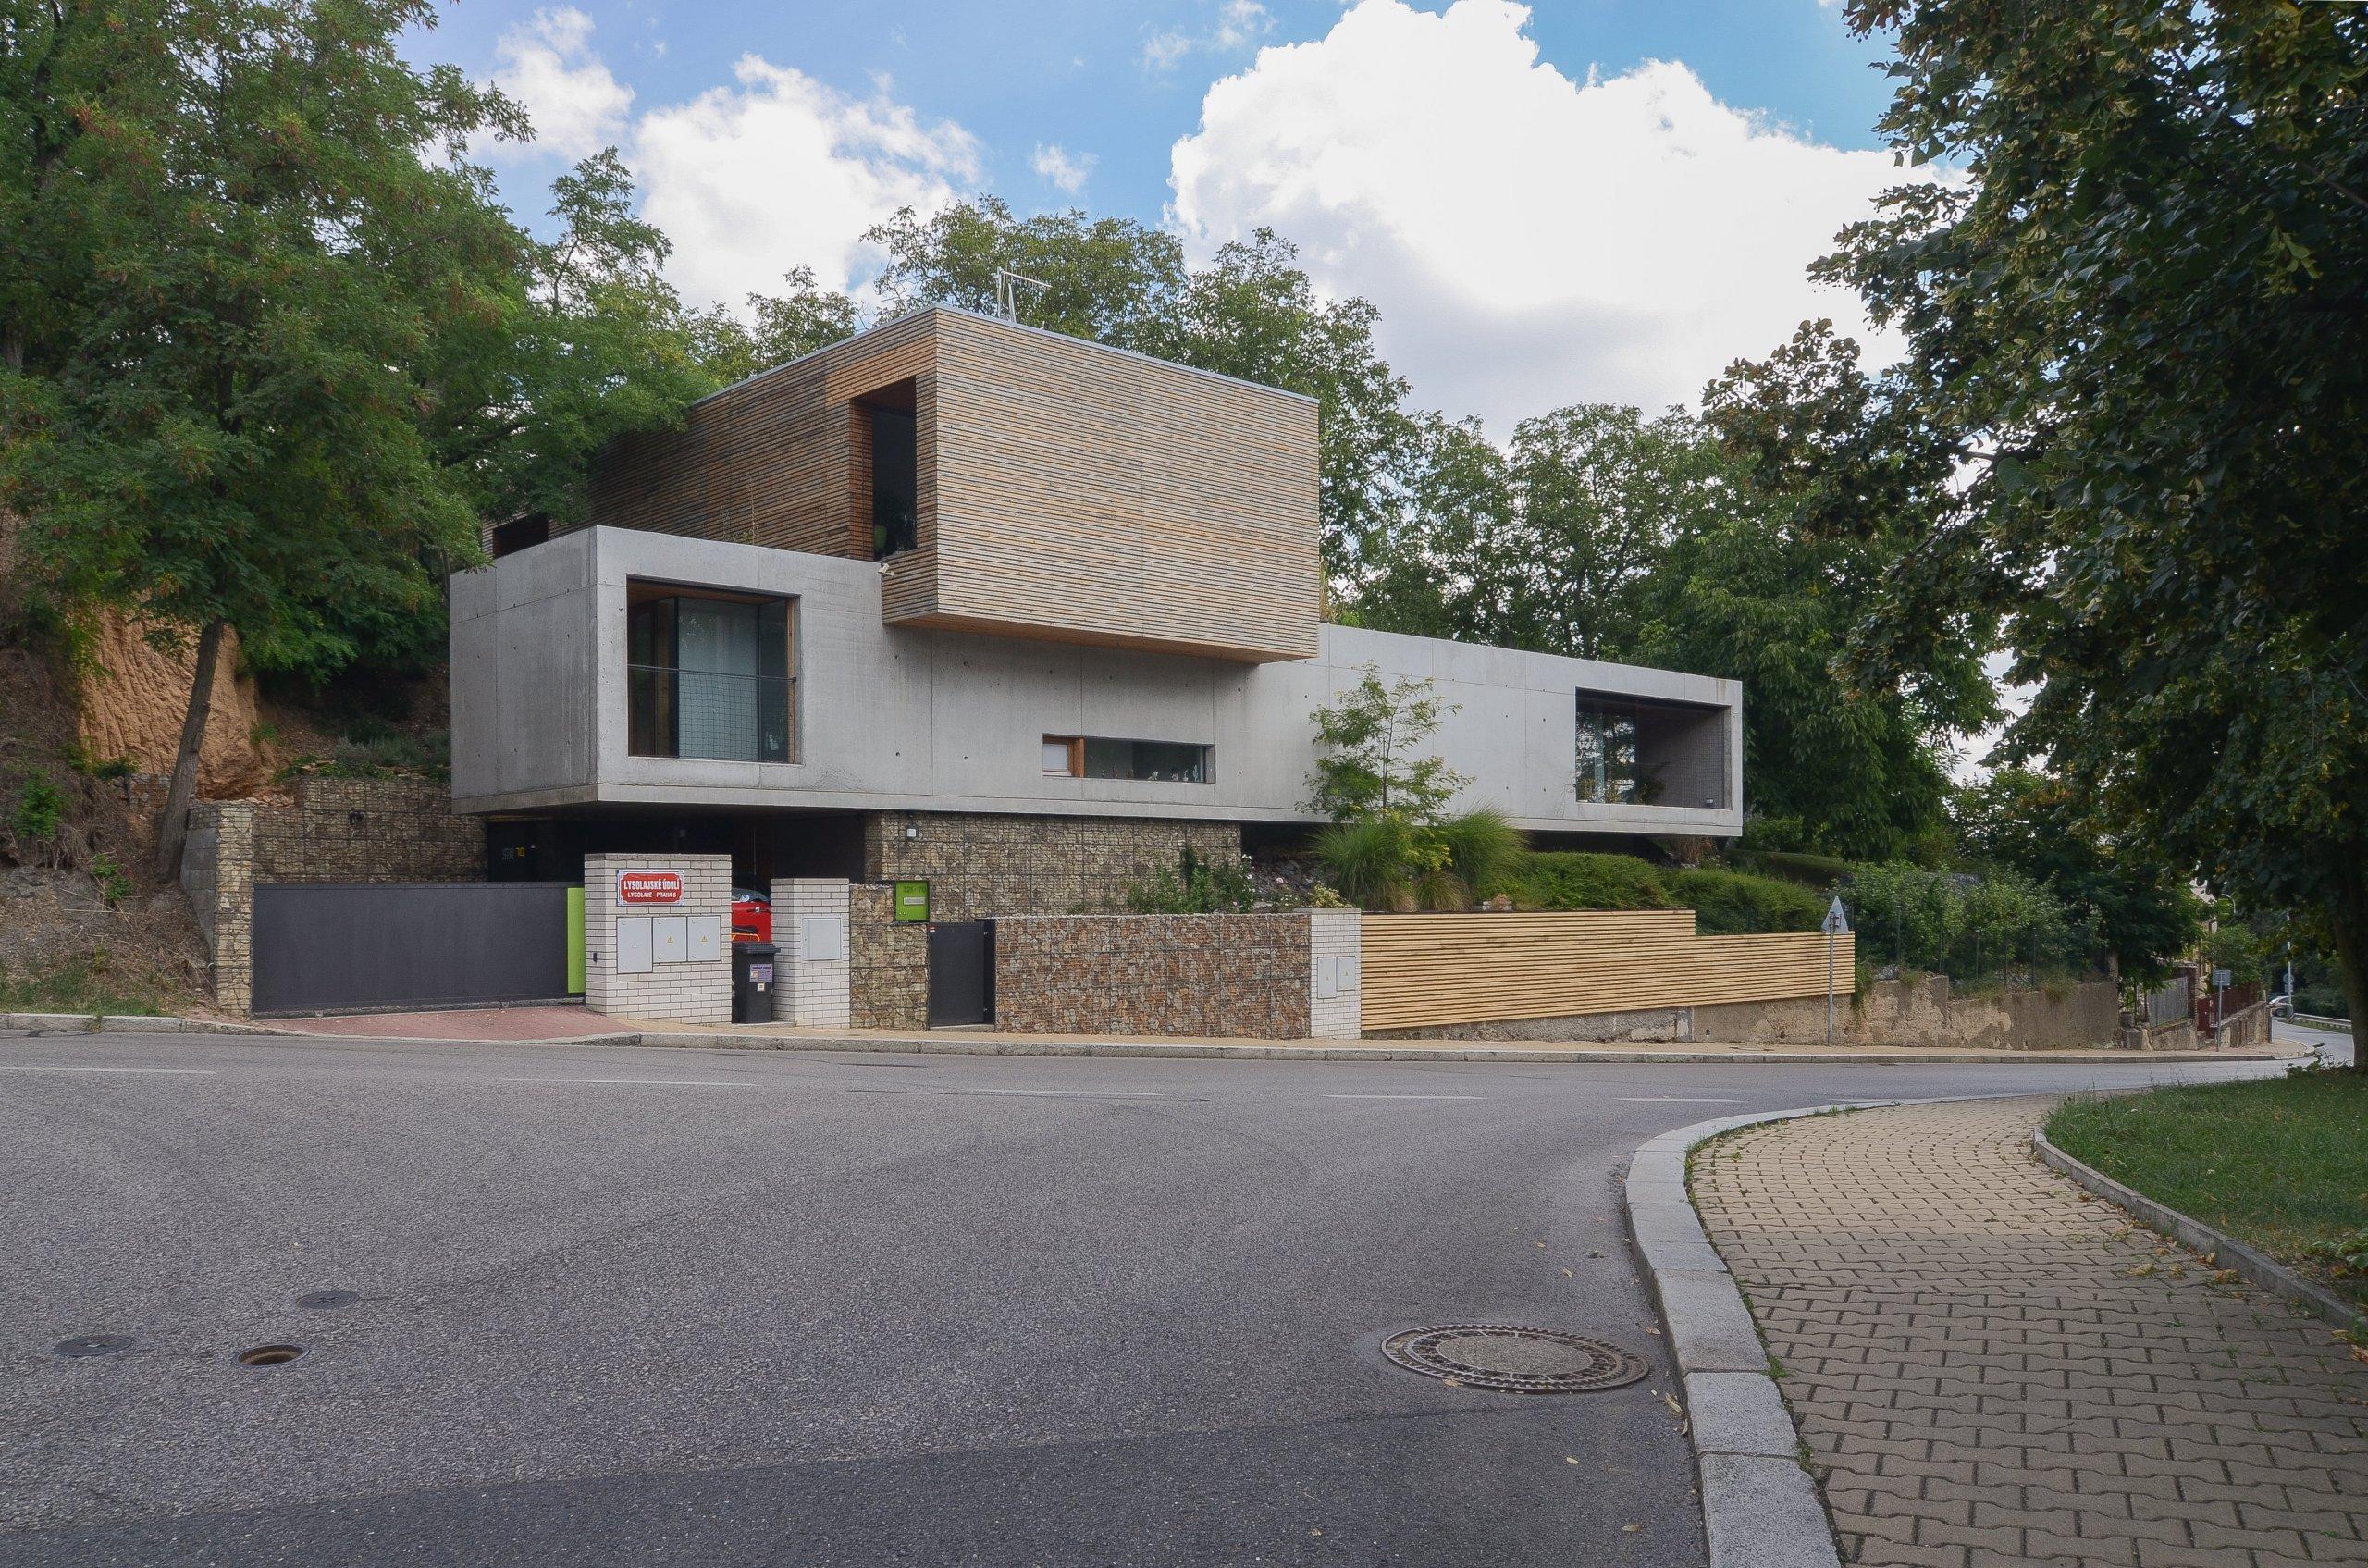 Každý milovník architektury se už jistě setkal se jménem amerického architekta Frankem Lloyd Wrightem. Právě z jeho rukou pochází slavná Vila nad vodopádem, která se stala inspirací i pro tuto vilu, jež stojí na okraji Prahy. Ačkoliv se vila nachází v horším terénu, jistě si vás získá.